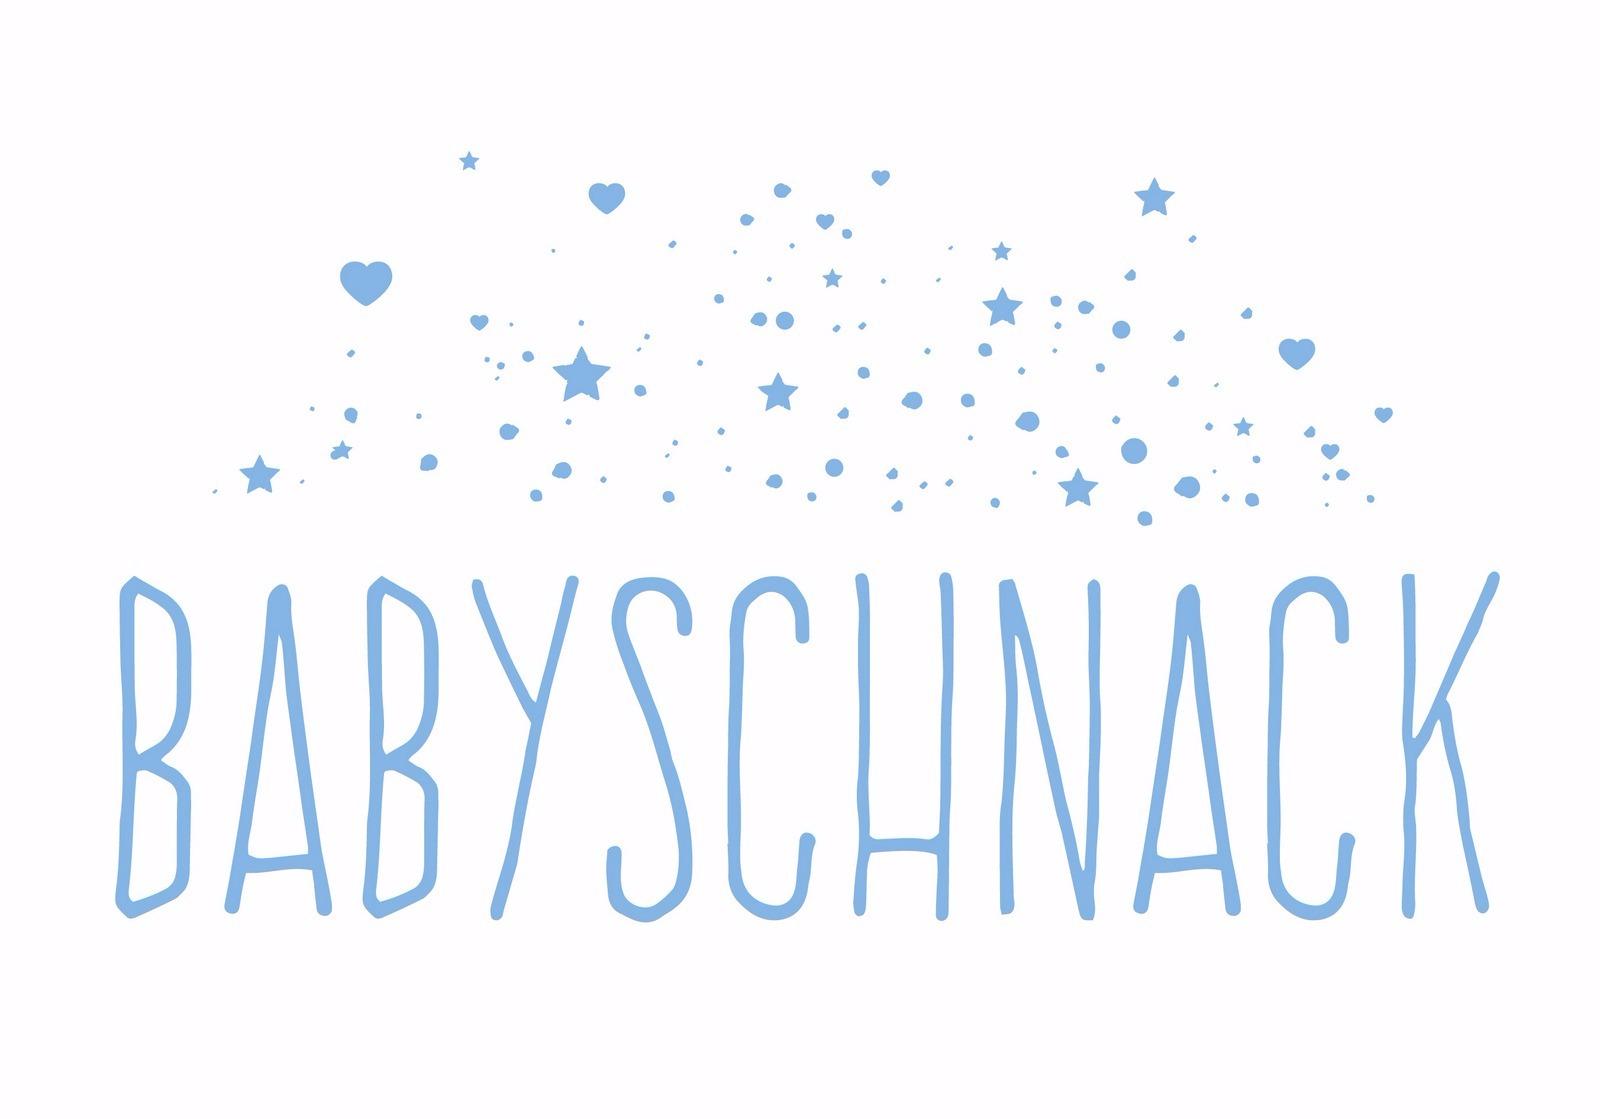 Oktoberwind babyschnack erstausstattung das brauchte for Was brauche ich wirklich im leben